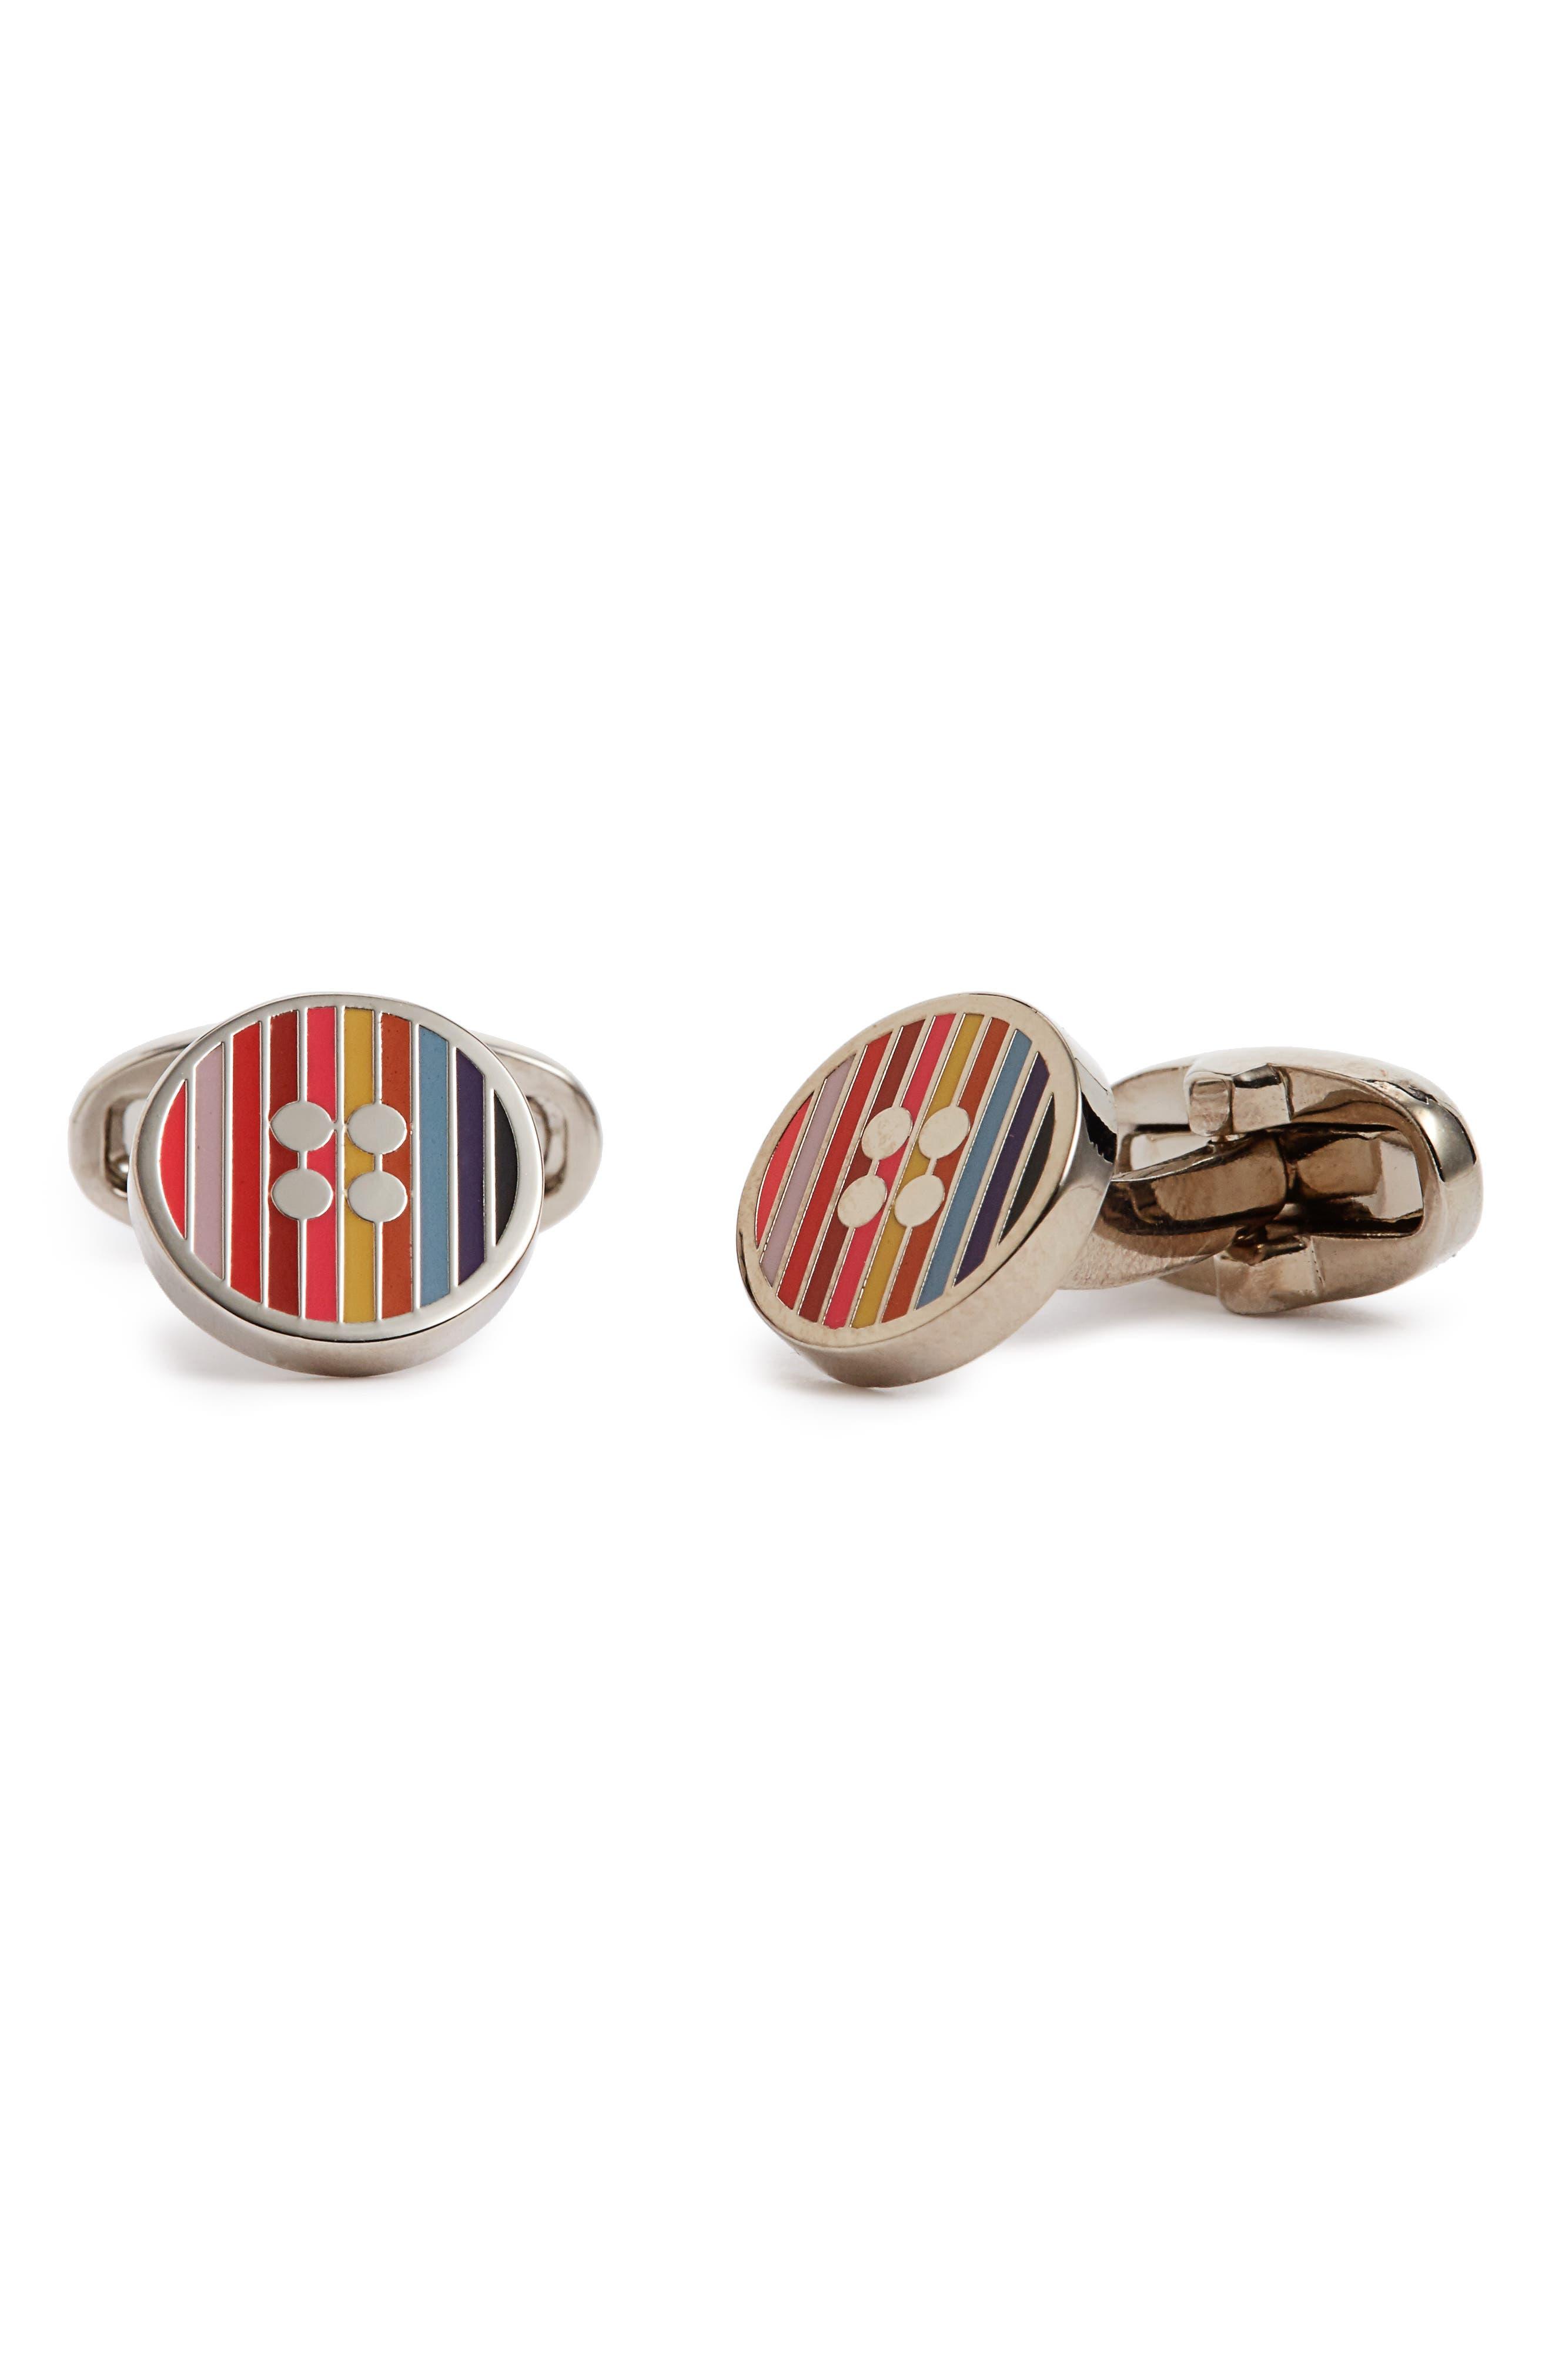 Stripe Button Cuff Links,                         Main,                         color,